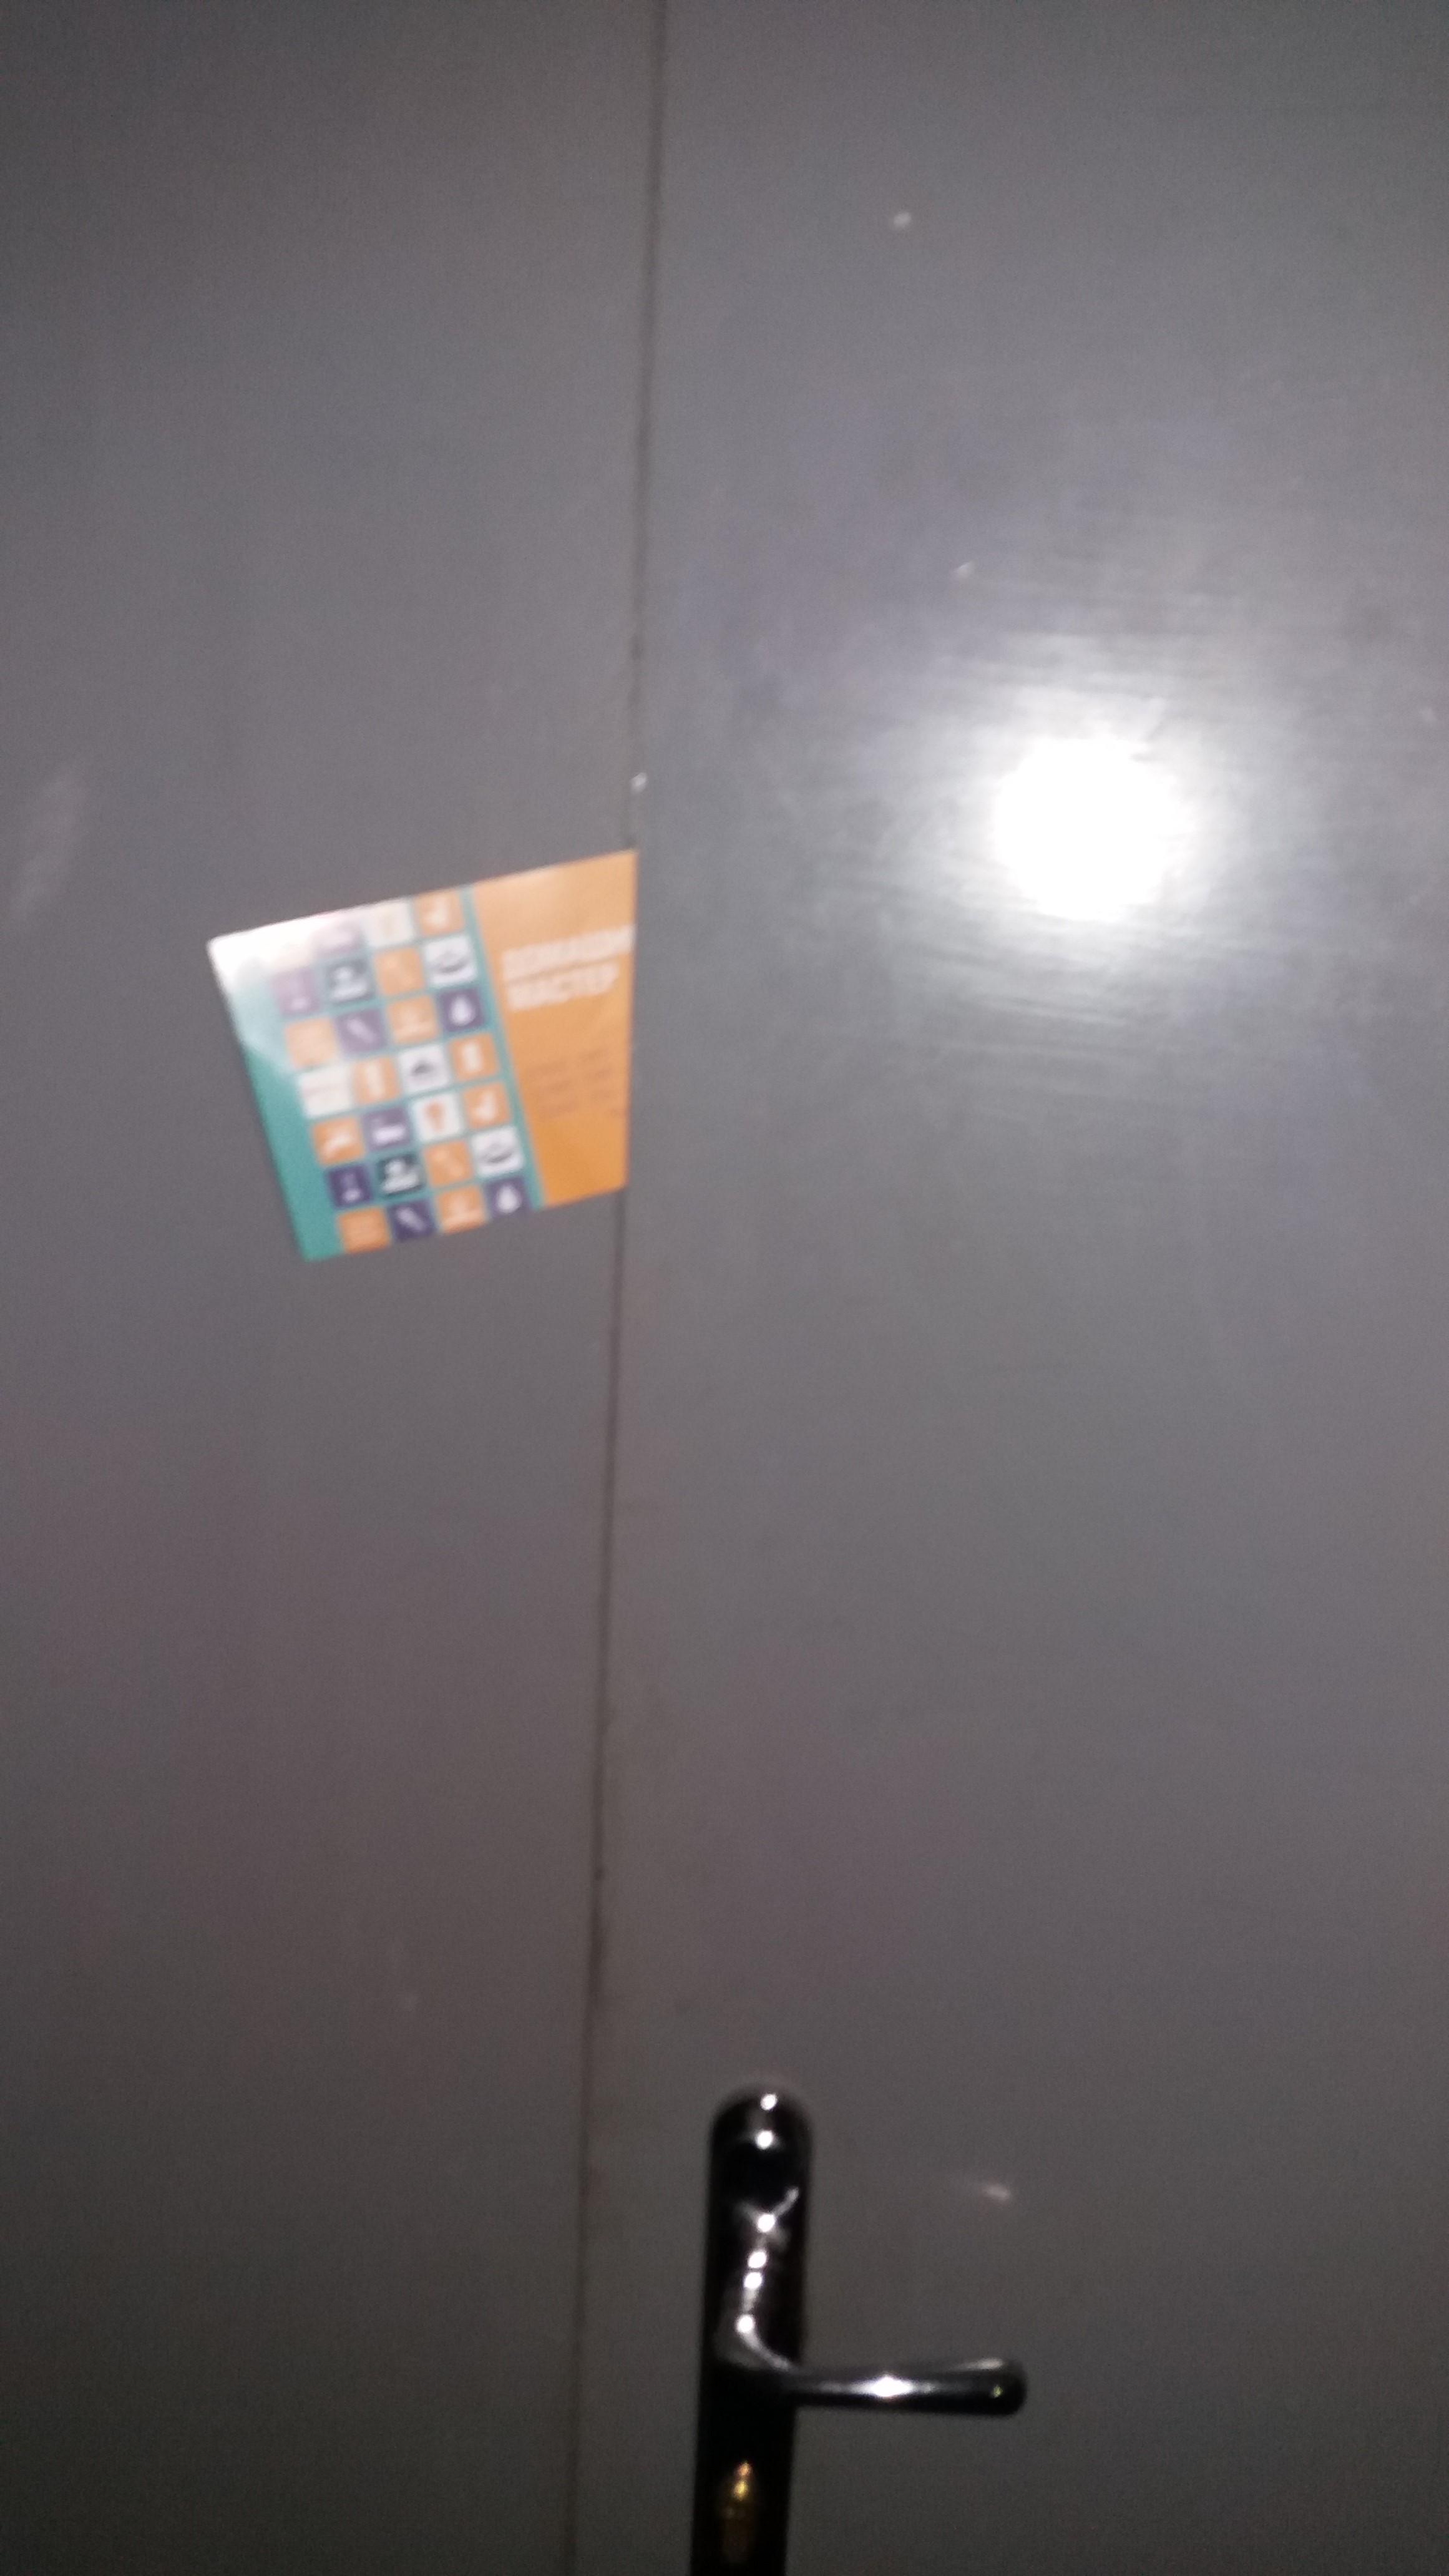 Фото Разнести листовки в двери квартир